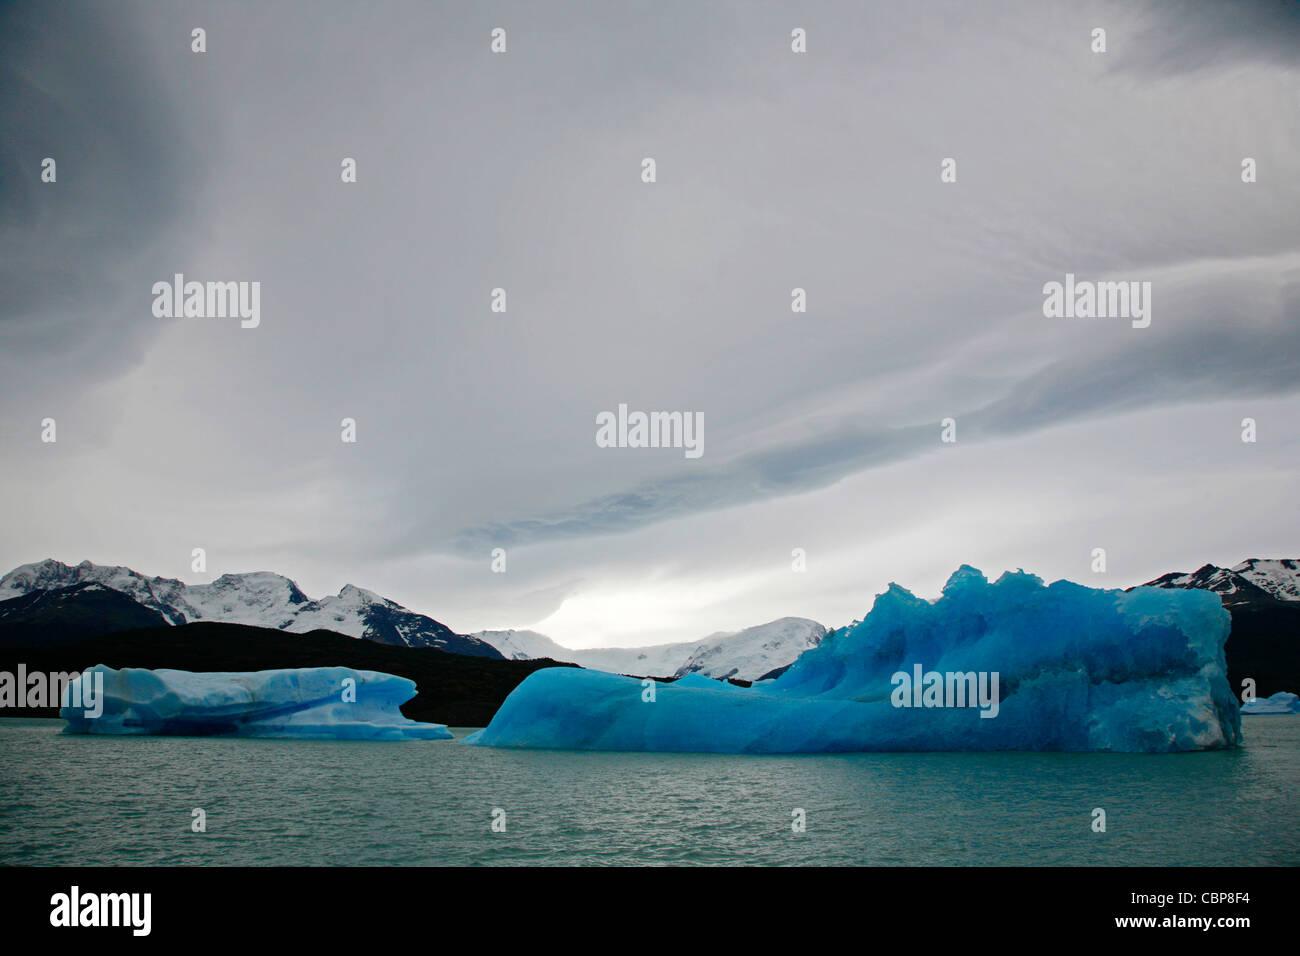 Los icebergs en el Lago Argentina, El Parque Nacional Los Glaciares, El Calafate, provincia de Santa Cruz. Patagonia. Imagen De Stock